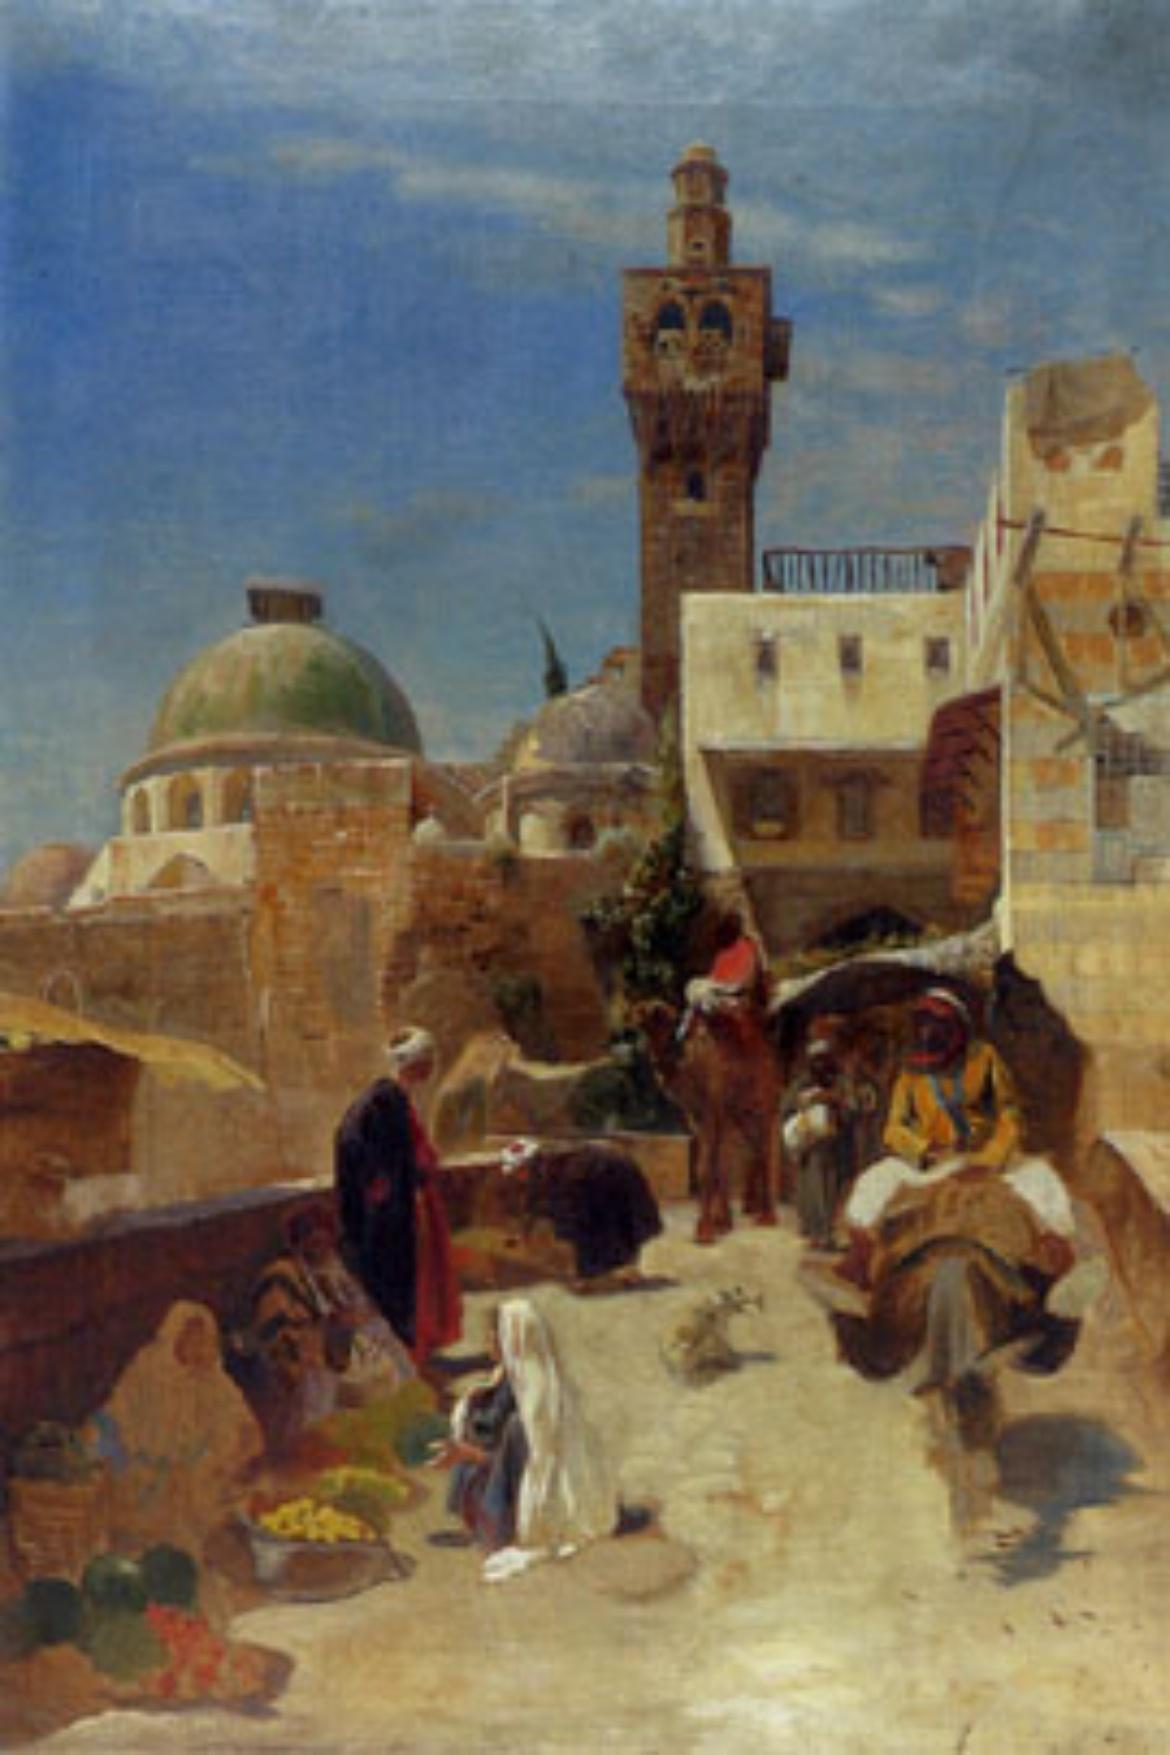 Bild: Orientalische Straßenszene (Jahr unbekannt)